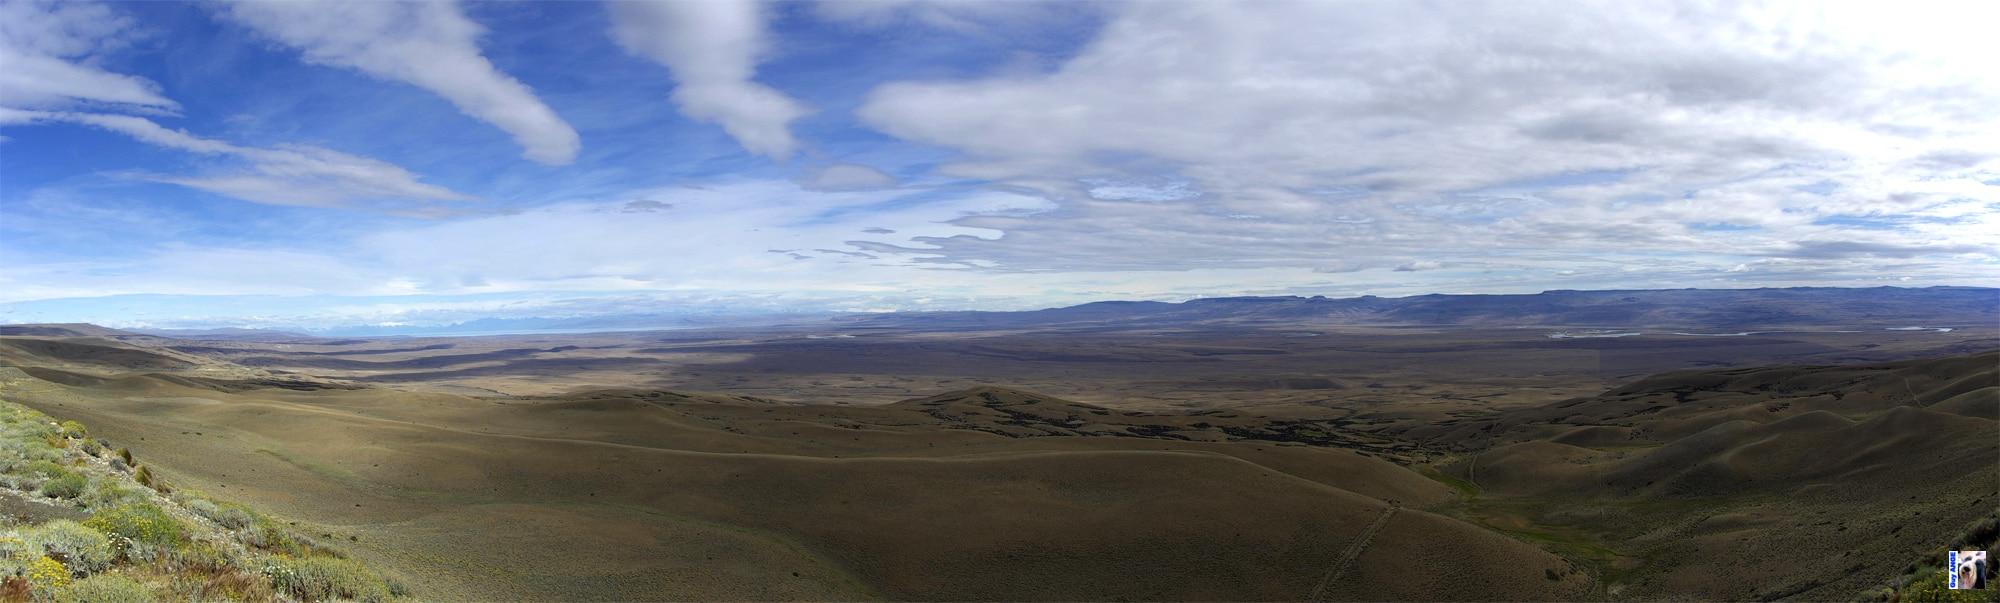 Paysage typique de la pampa en Patagonie. Plat jusqu'à l'horizon.